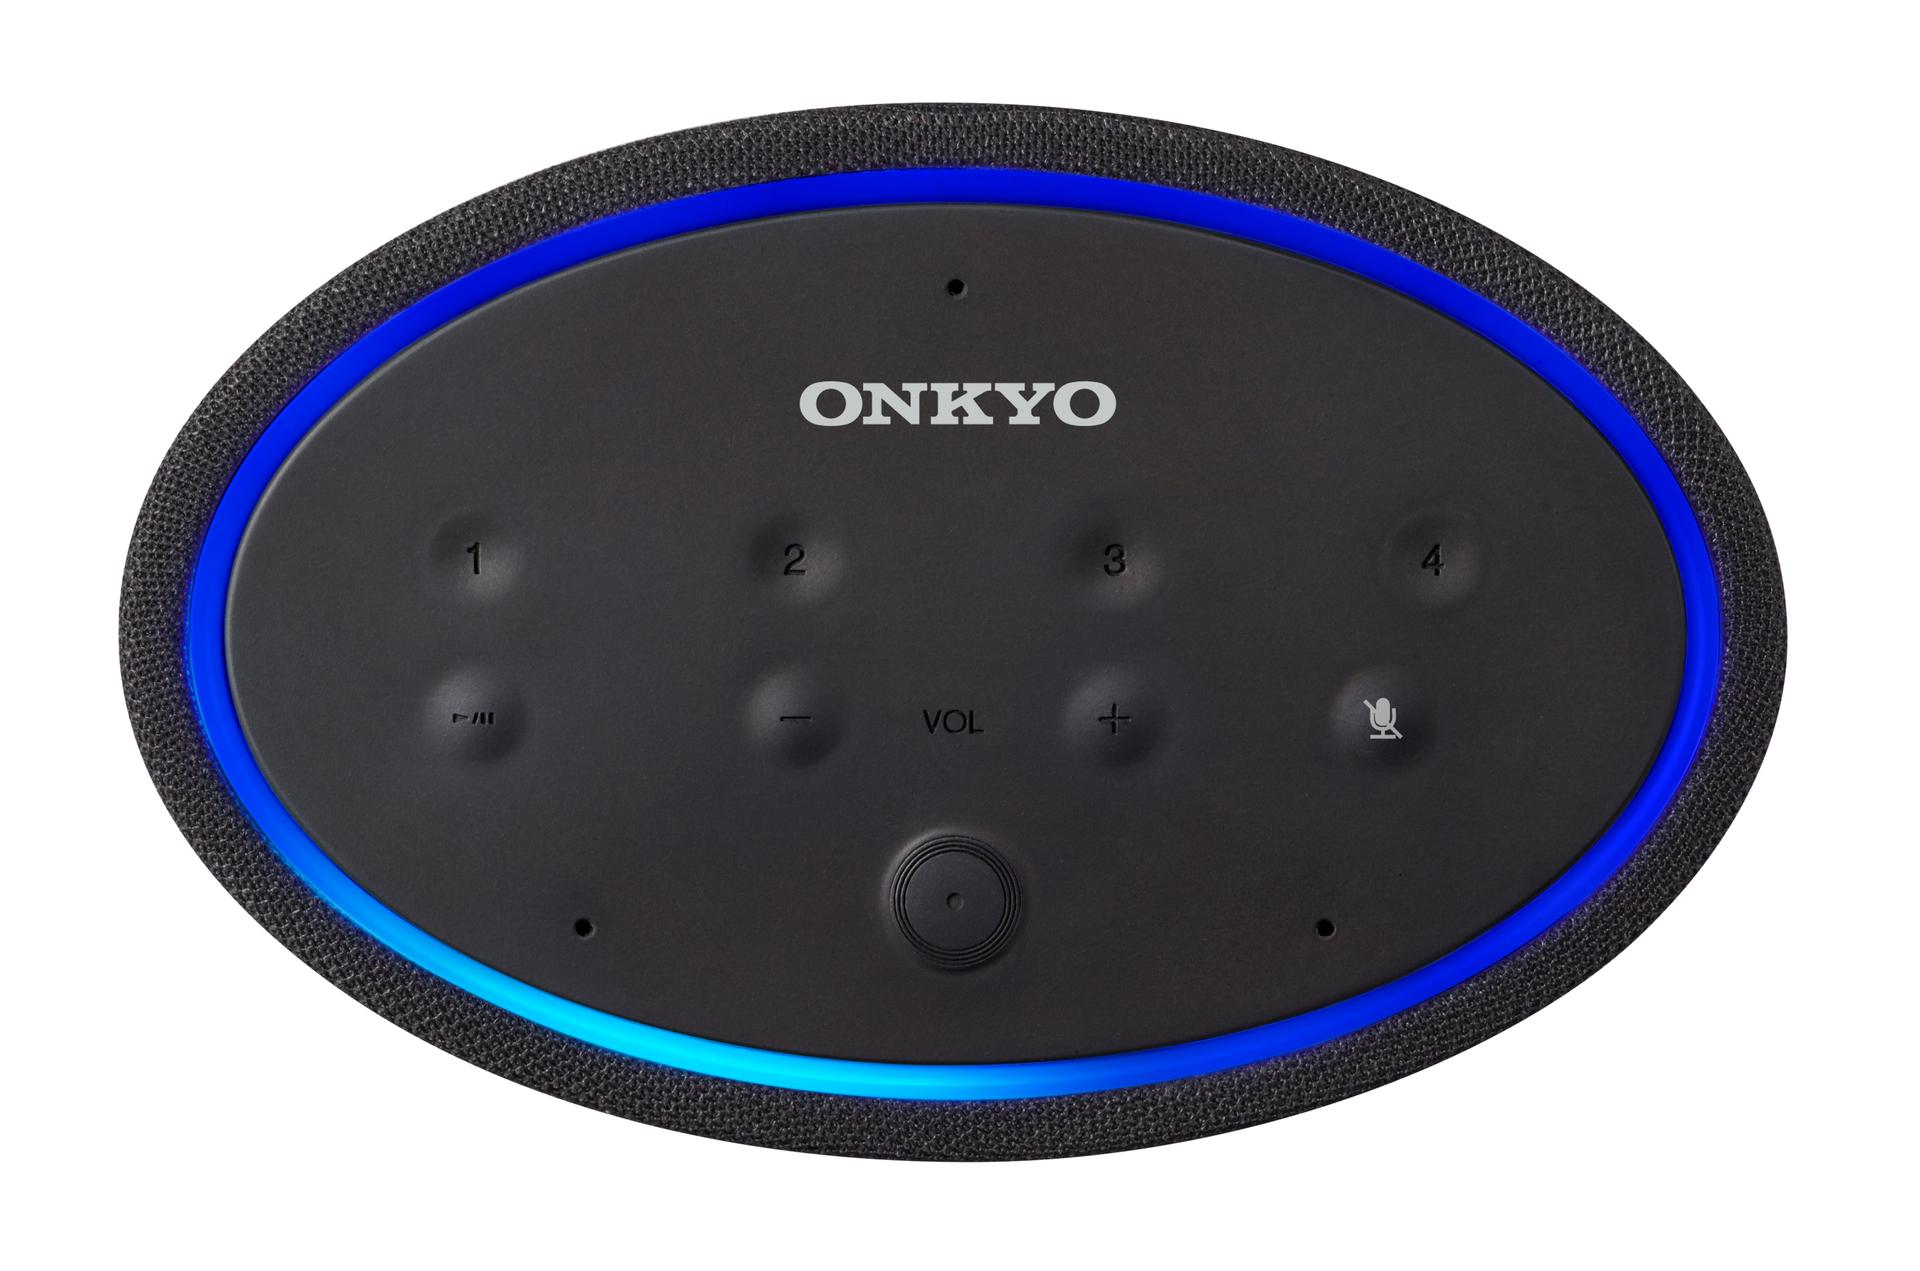 Alexa und Google Assistant: Der Wettkampf smarter Lautsprecher verändert sich - P3 (Bild: Onkyo)